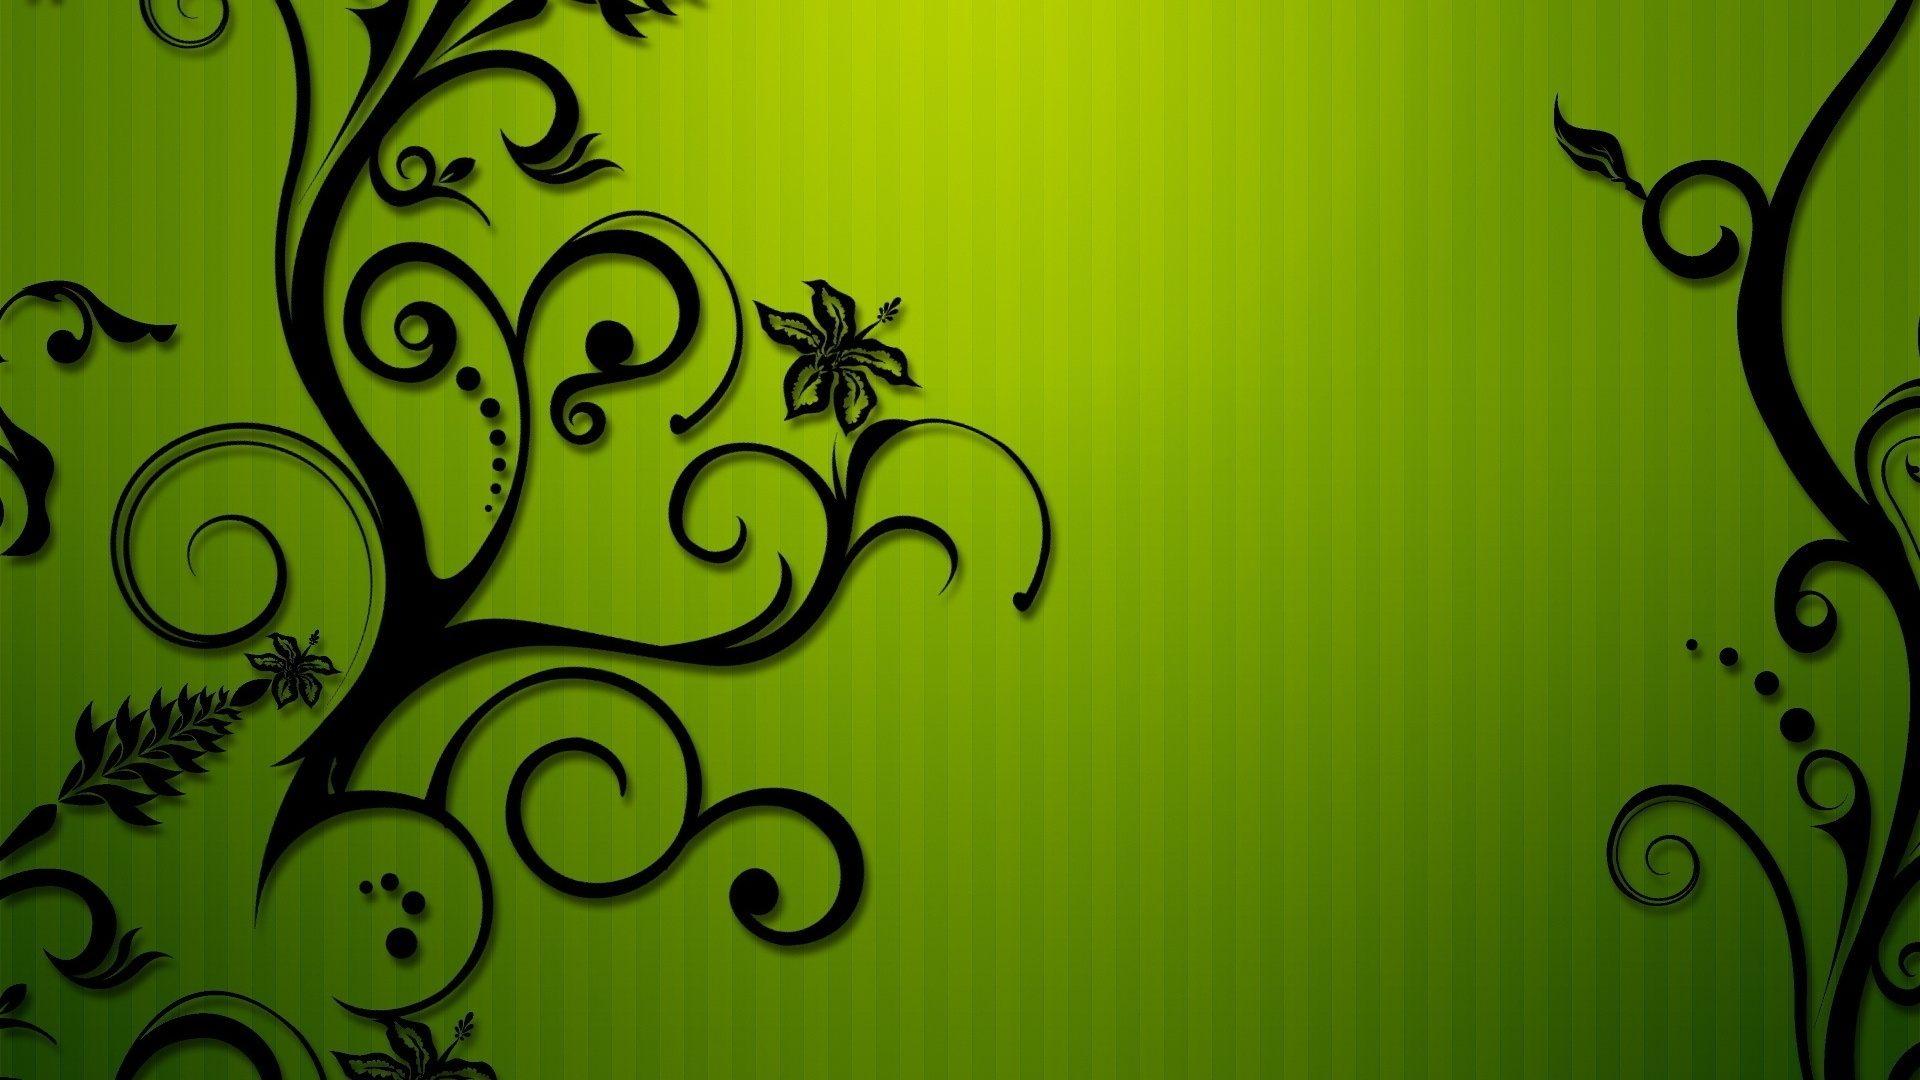 картинки с узорами зеленый цвет вторым освещением чаще